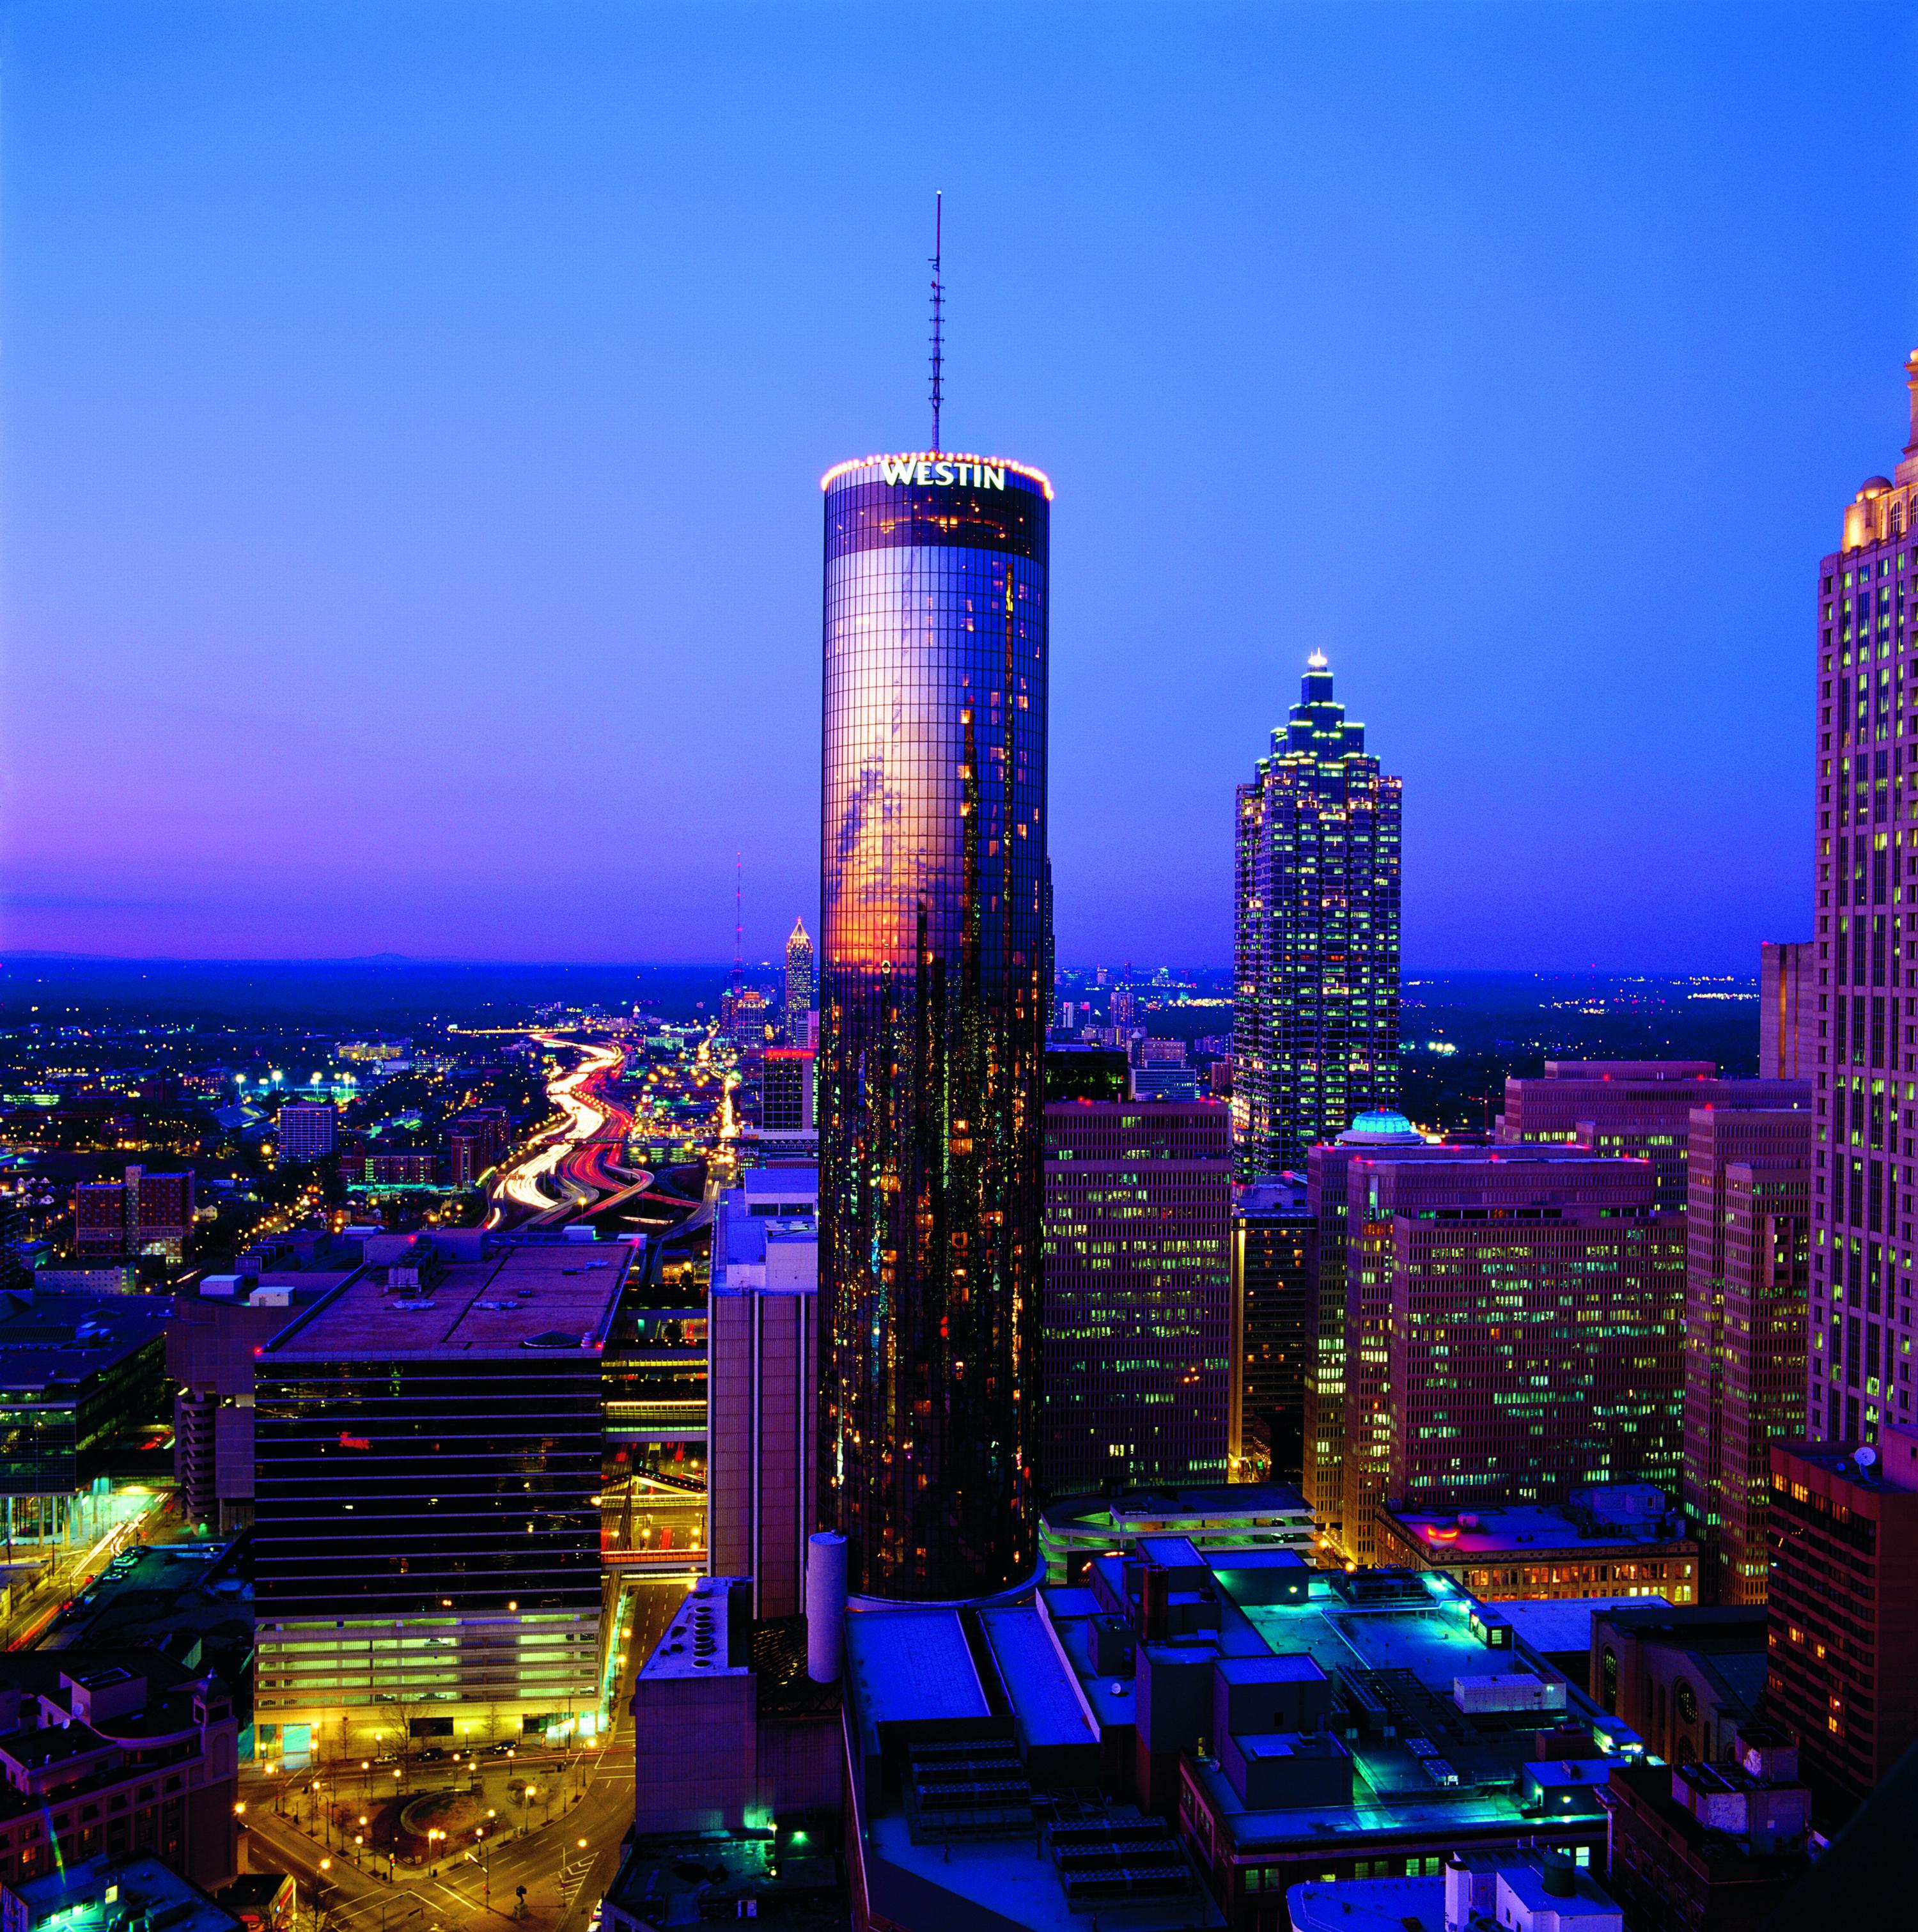 Atlanta-Westin-Peachtree-Plaza-Hotel-Night